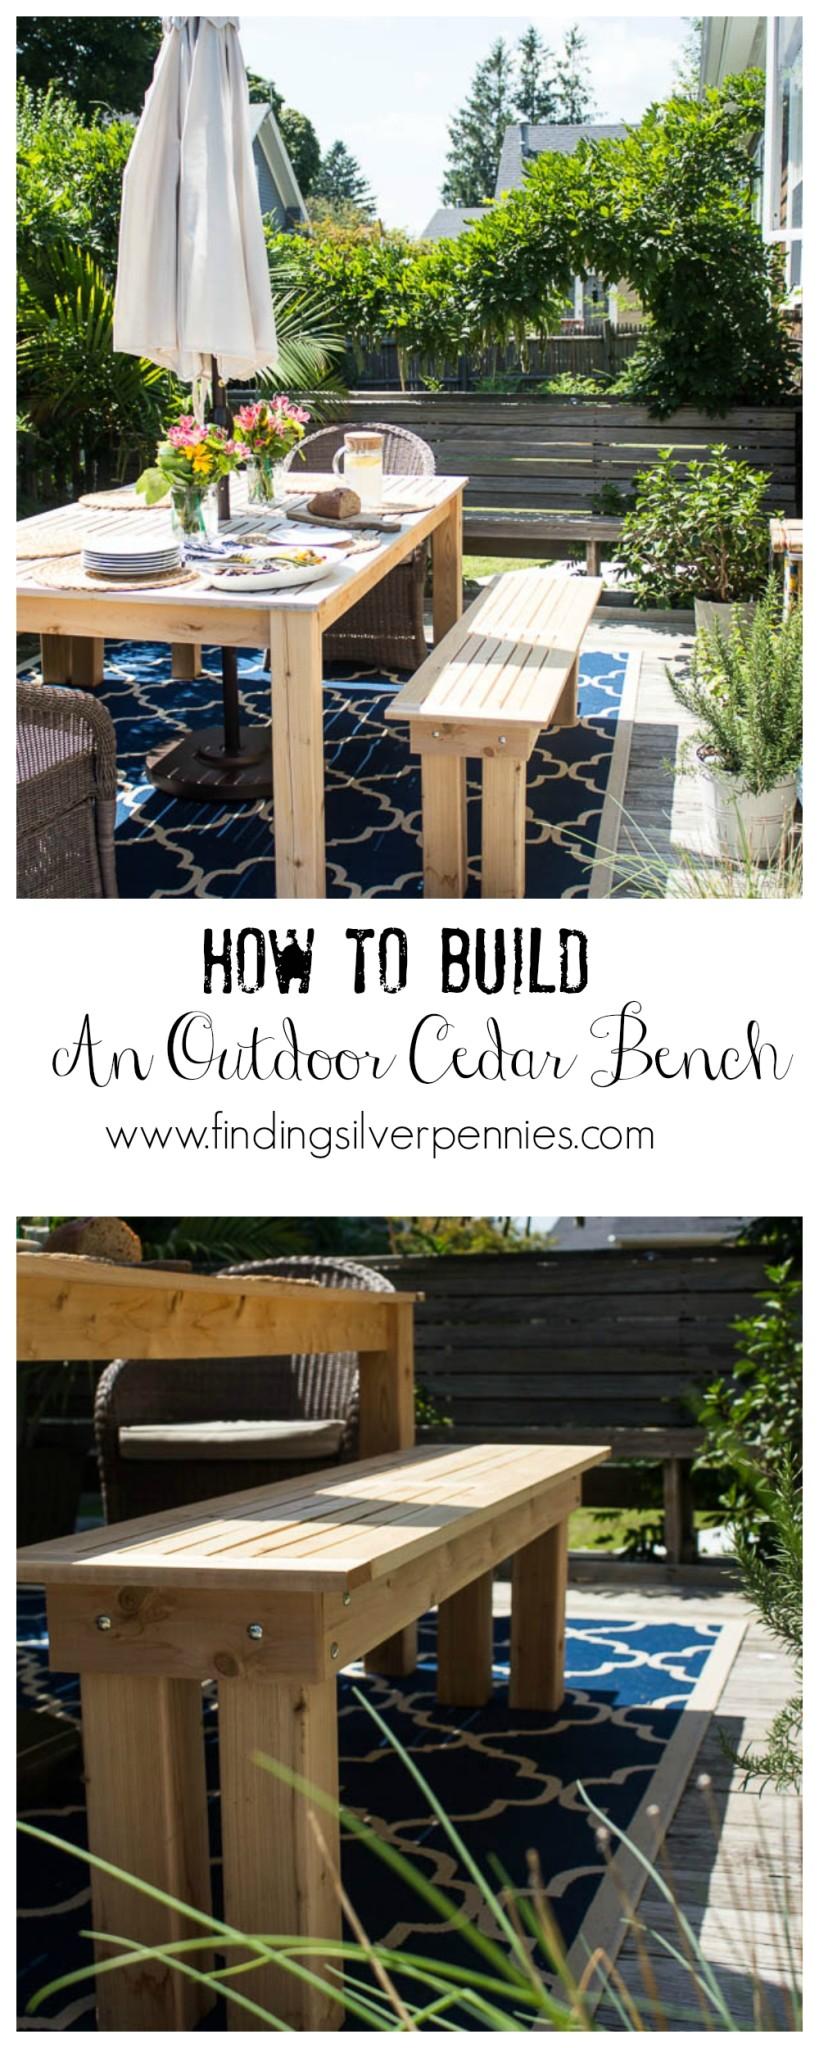 How to Build an Outdoor Cedar Bench Easy DIY